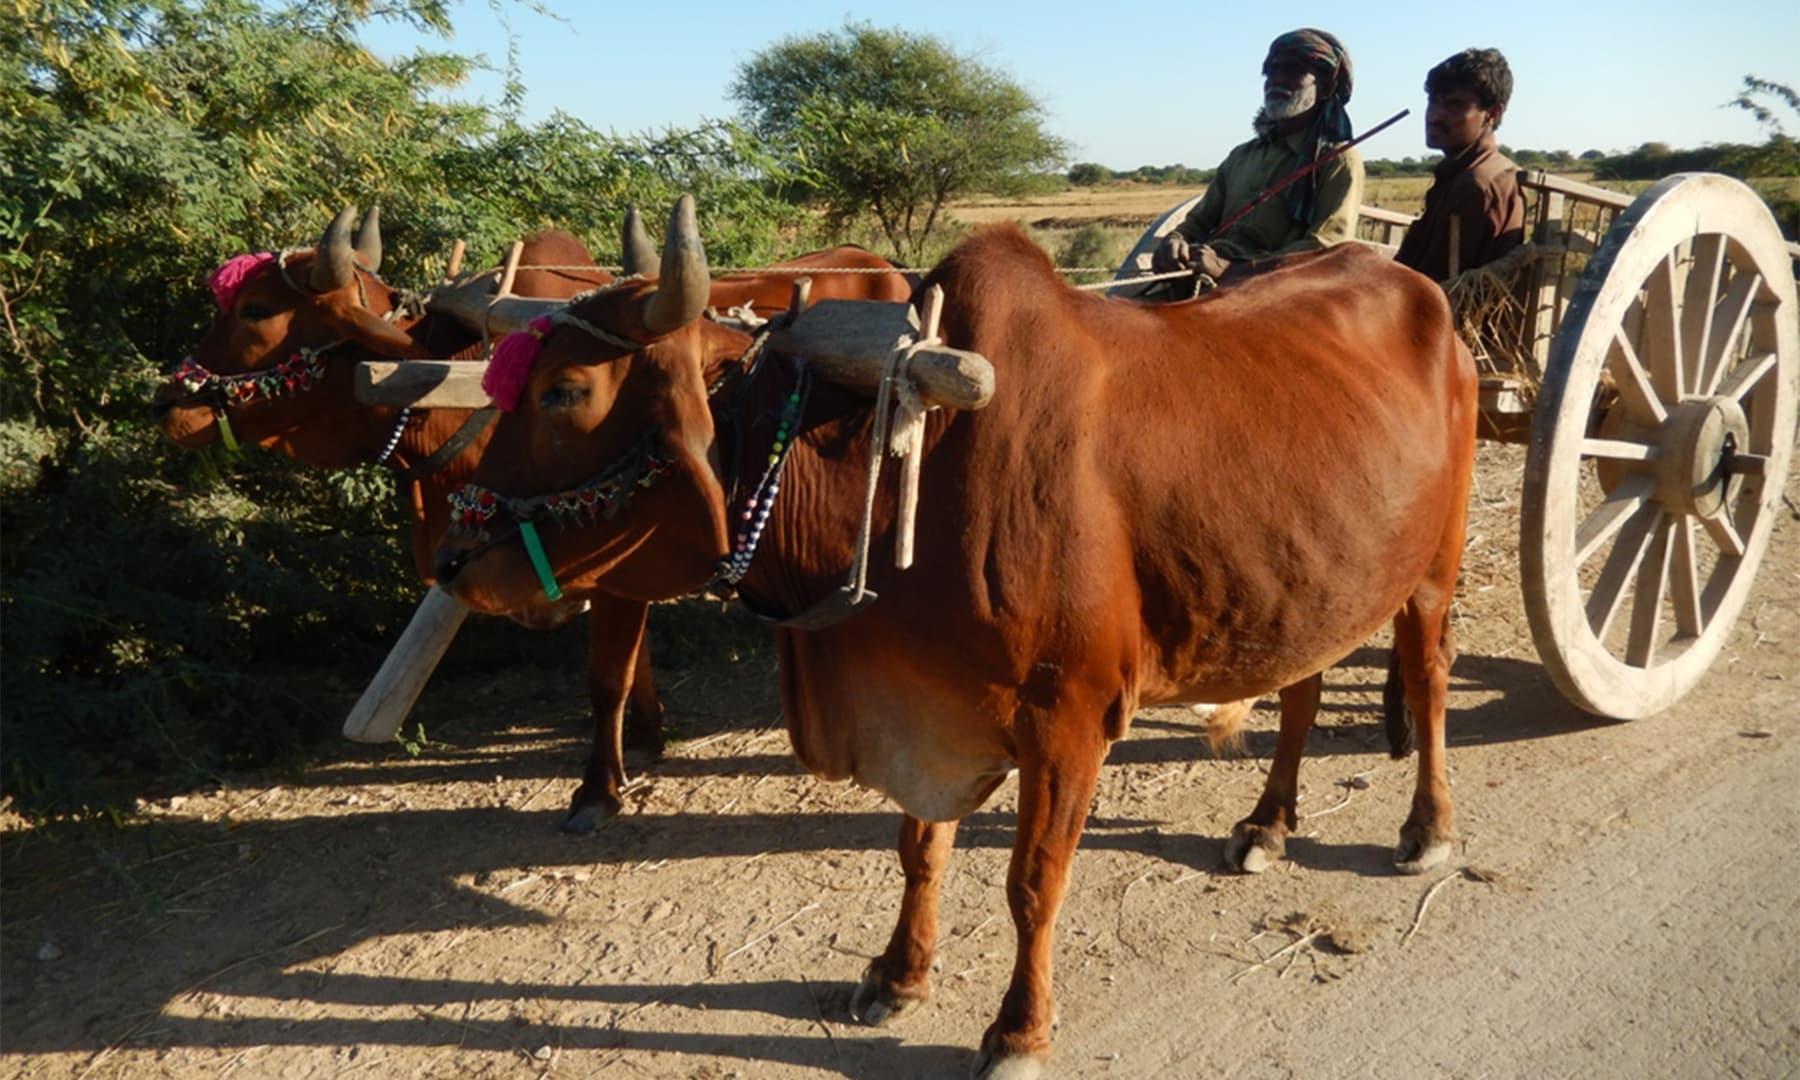 کسی زمانے میں بیل گاڑی اور صحت مند بیلوں کا جوڑا 2 سو روپے میں ملتا تھا